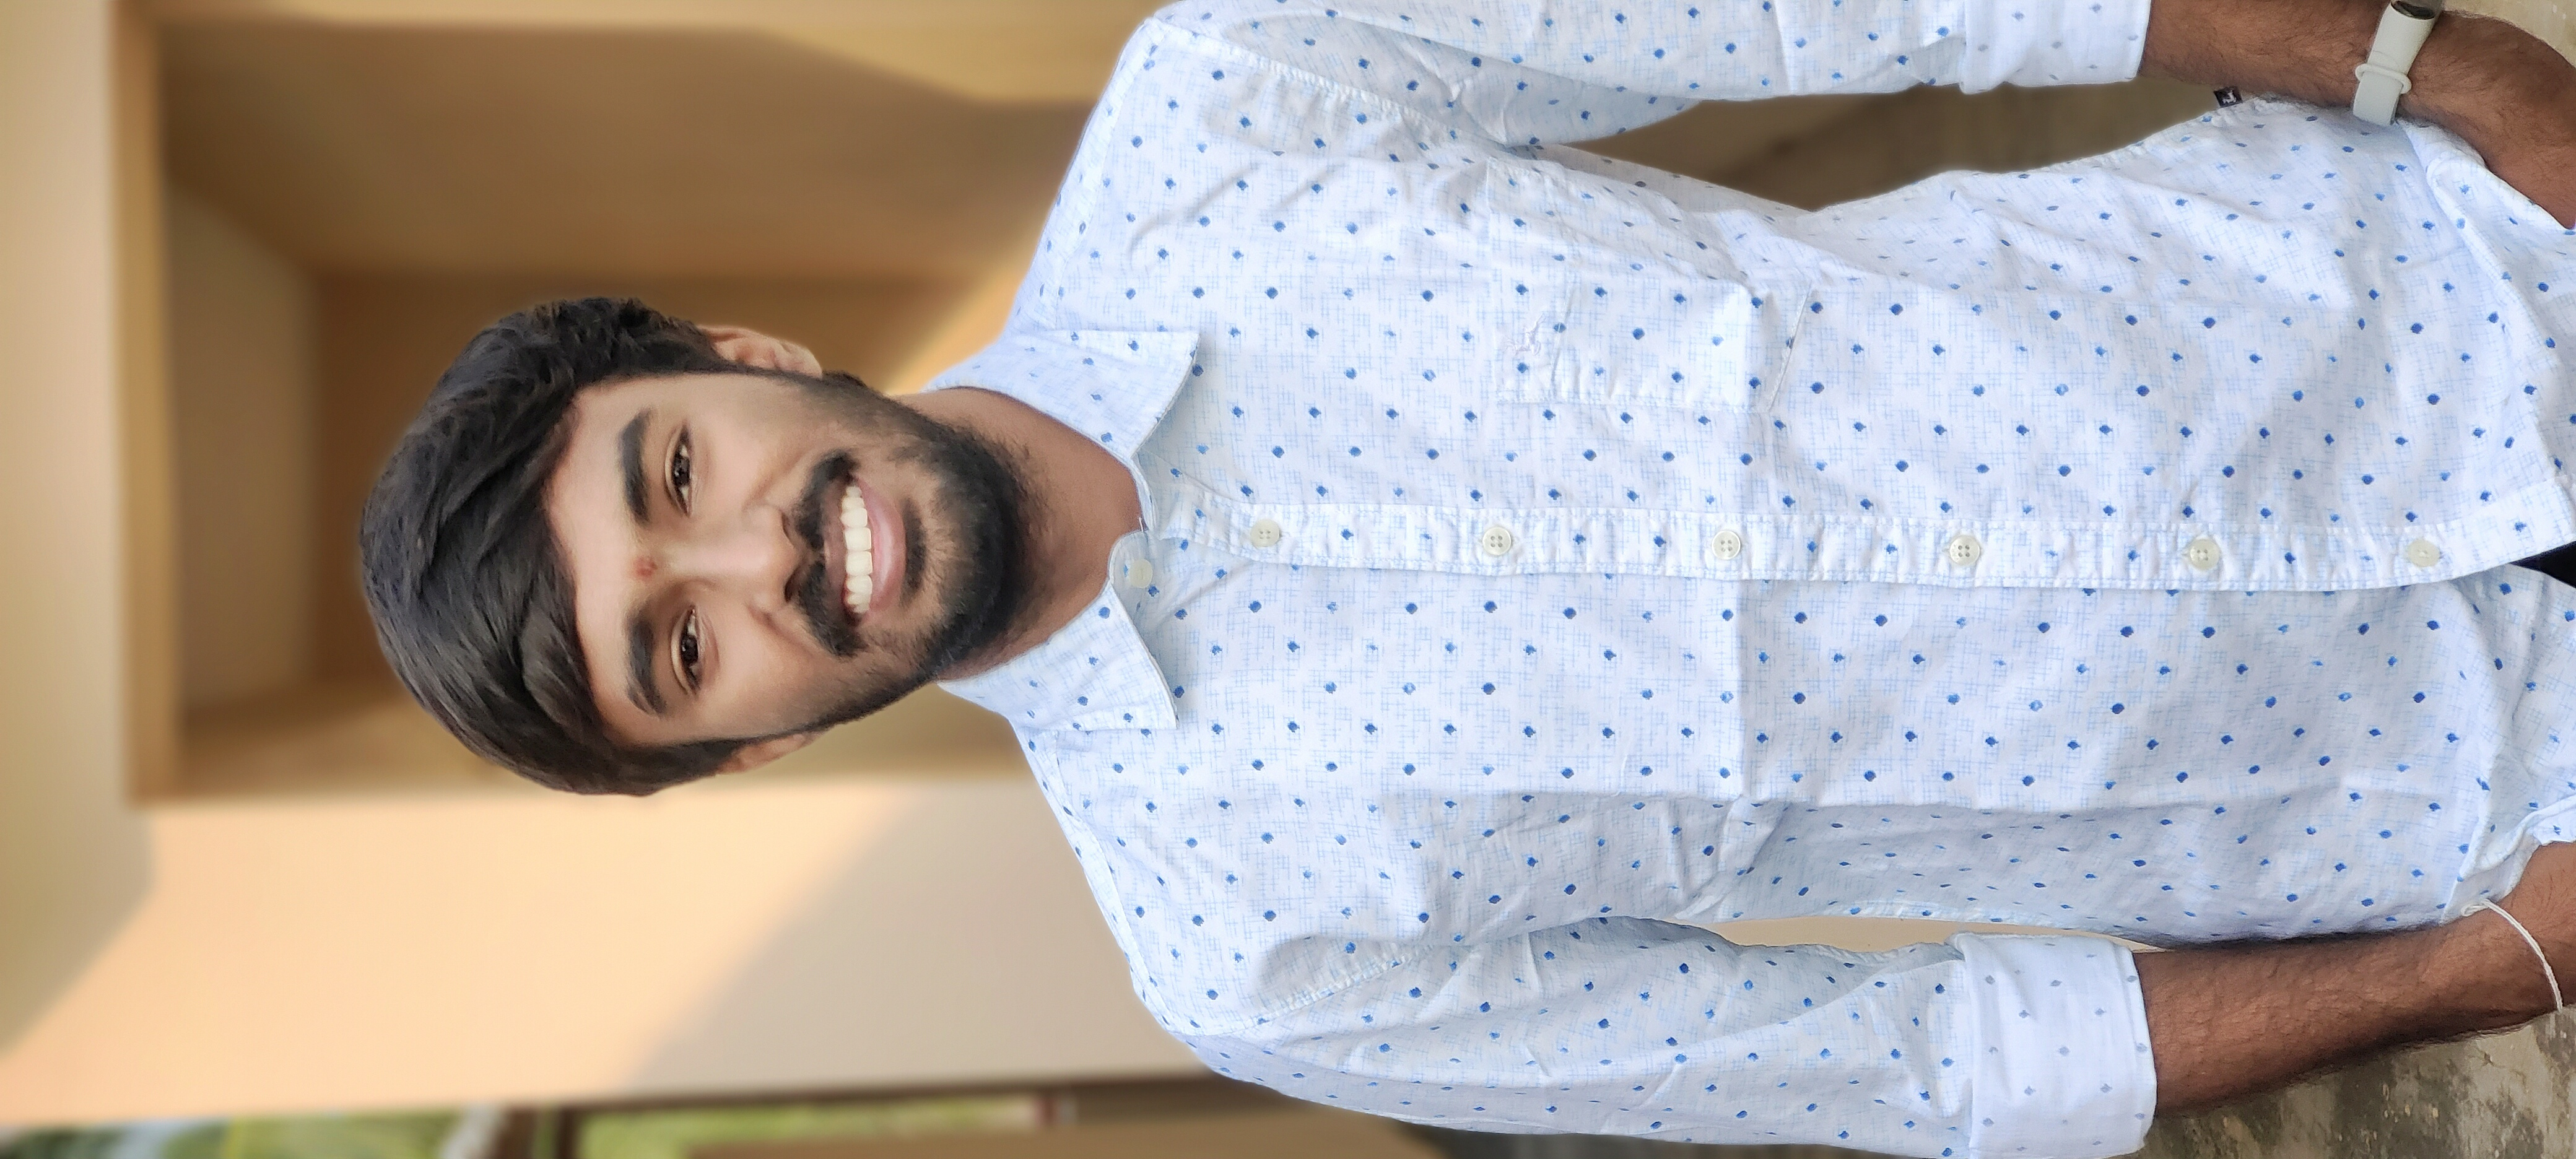 Divyacharan Jvs